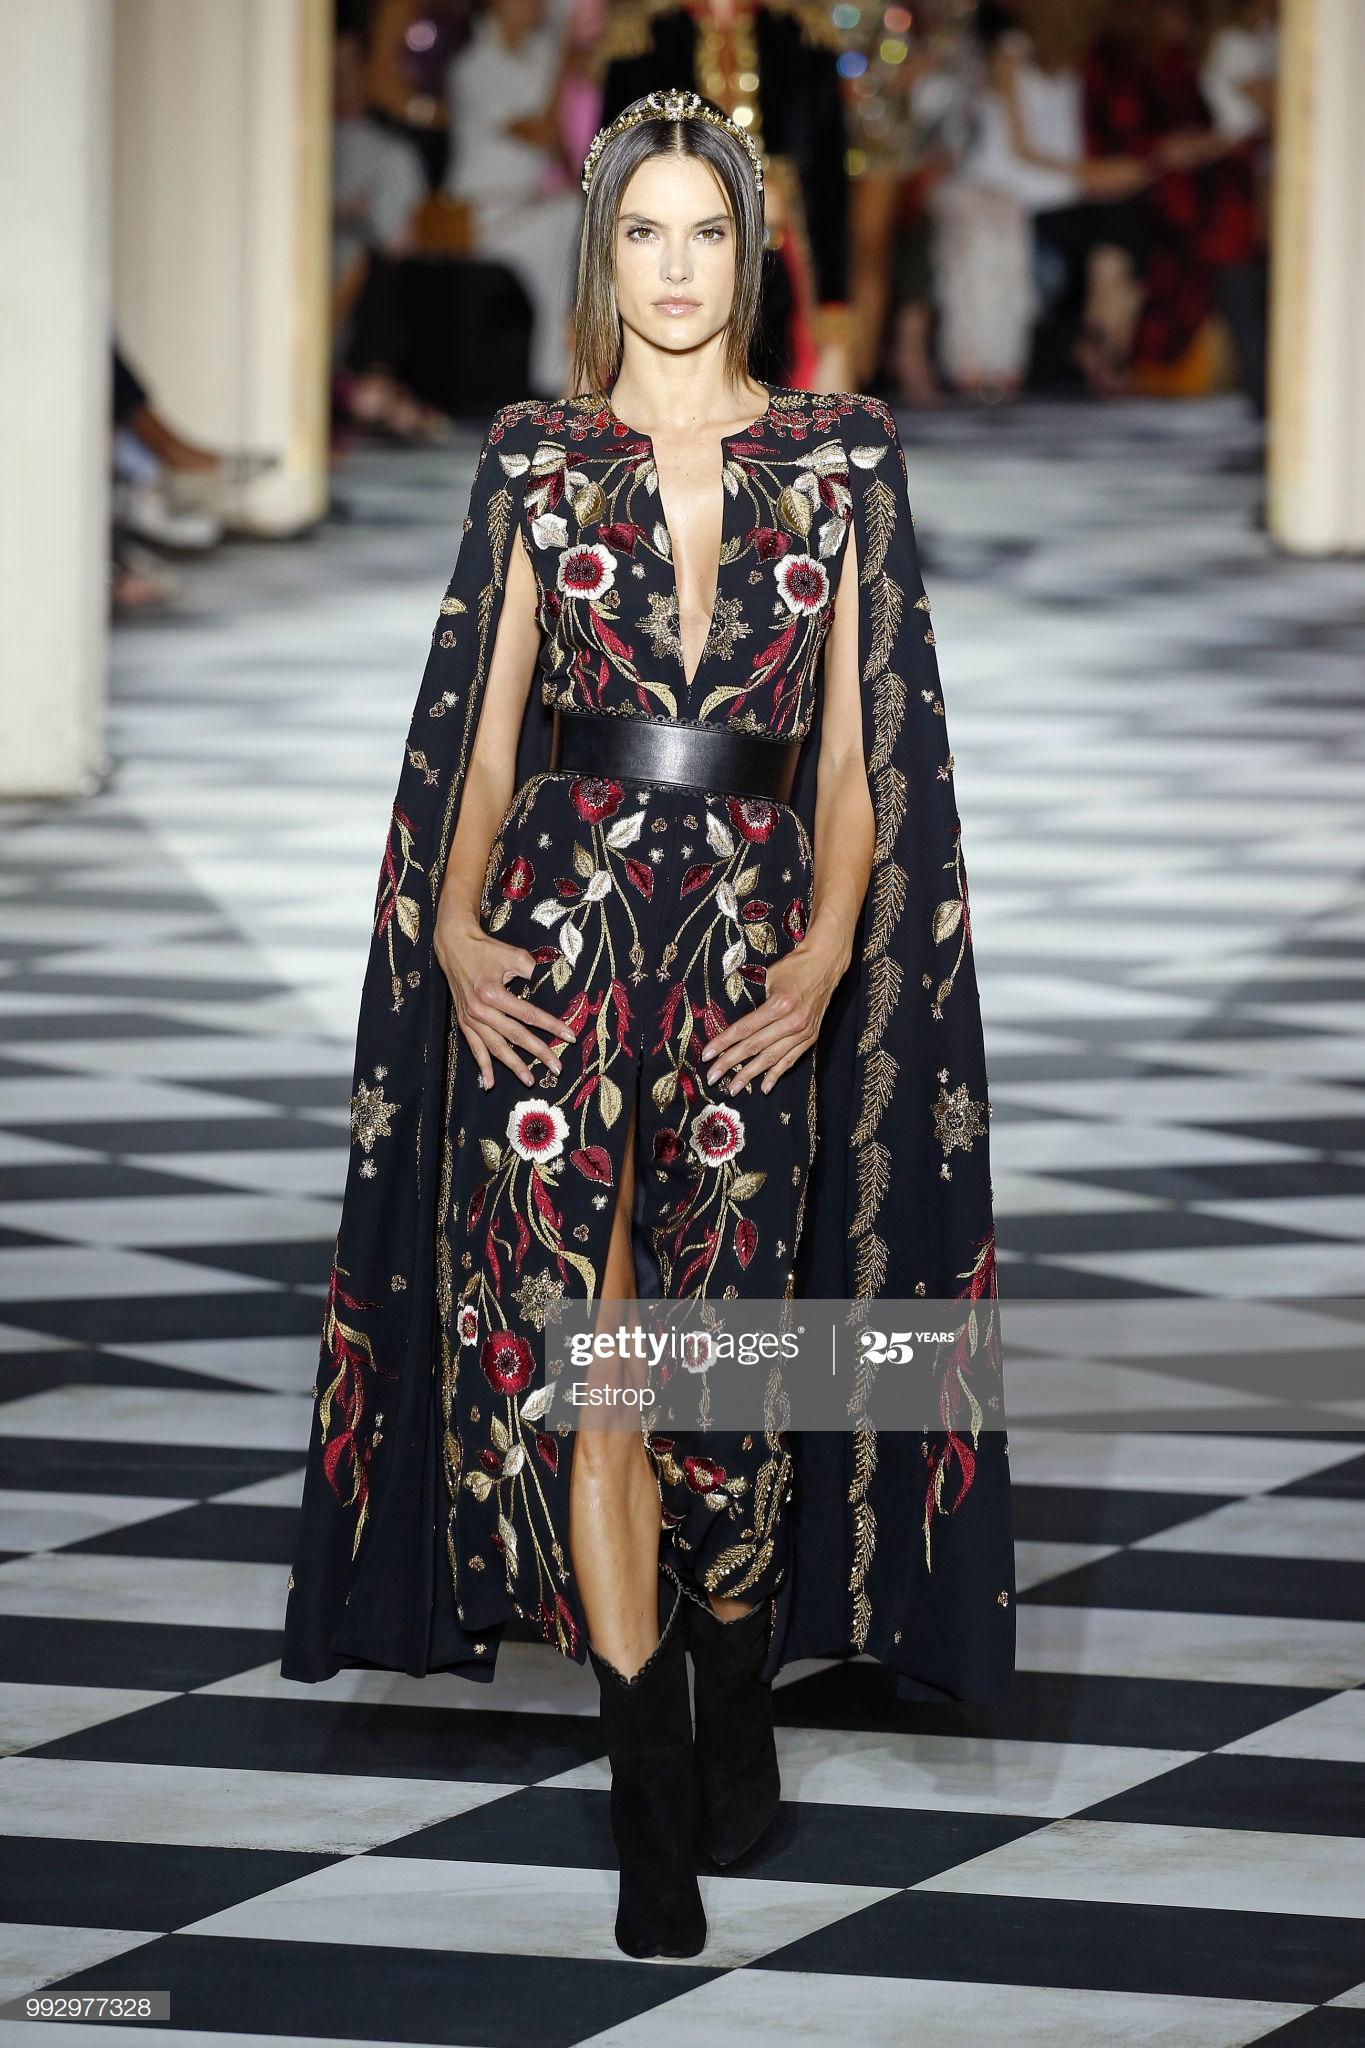 cựu thiên thần Victoria's Secret Alessandra Ambrosio tại show Zuhair Murad Haute Couture tại PFW 1819